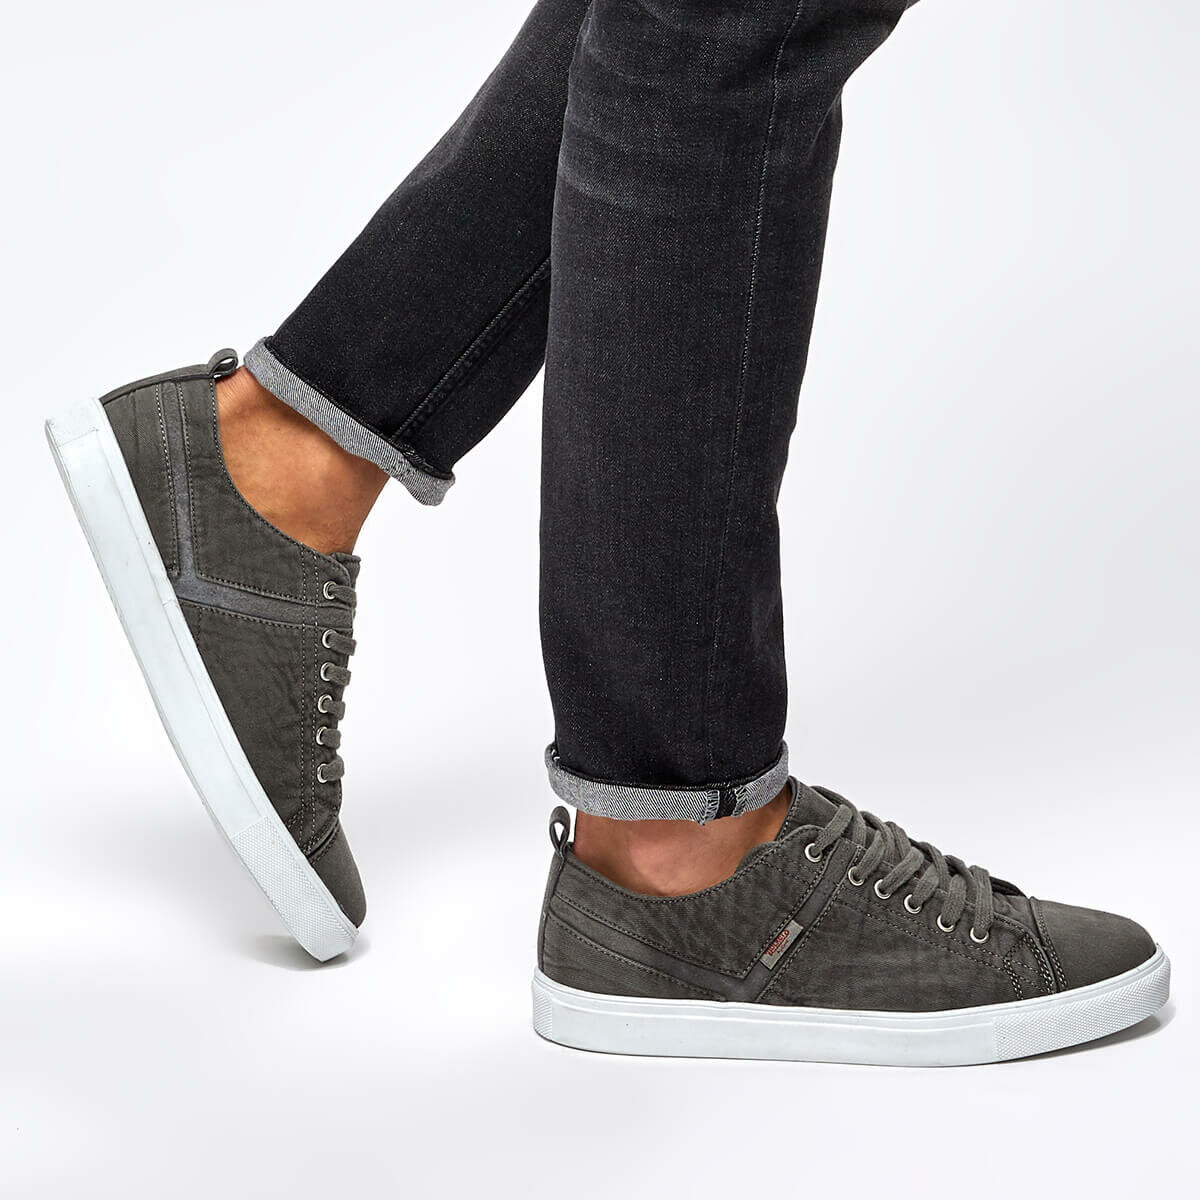 FLO 224920 Black Male Sneaker By Dockers The Gerle